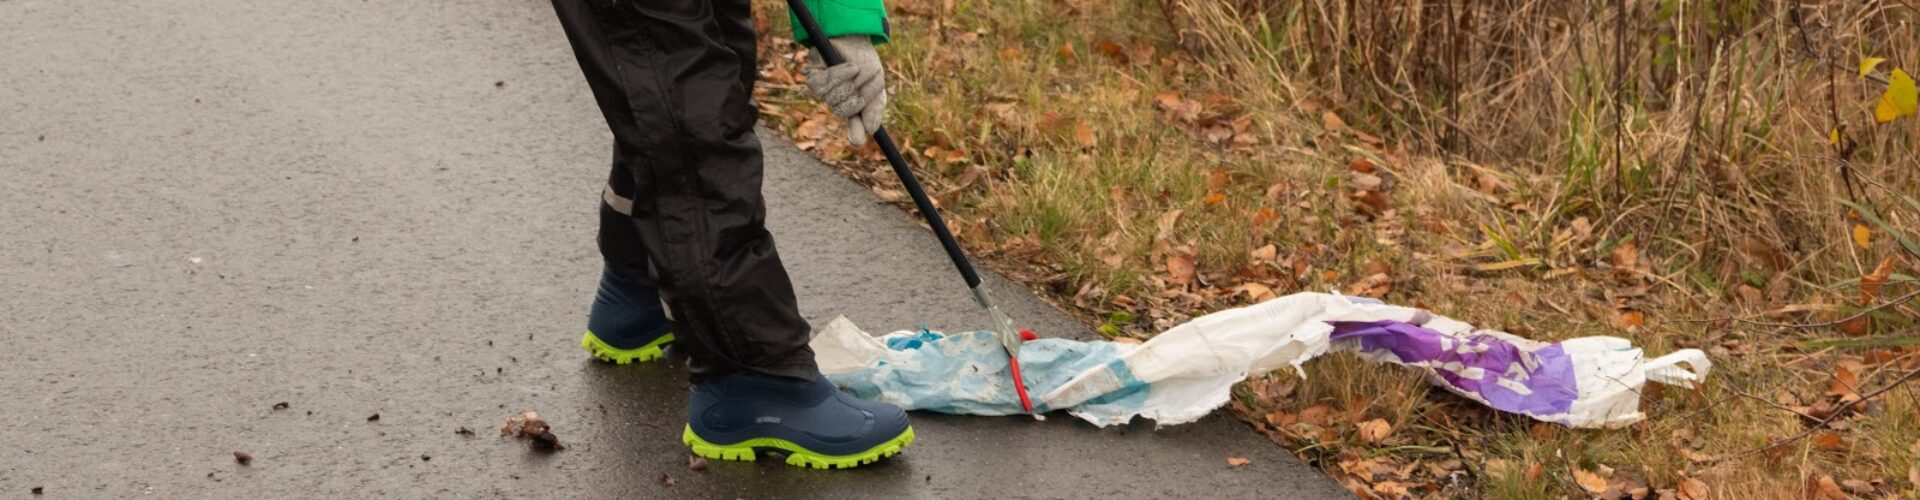 Kind sammelt Müll vom Straßenrand auf